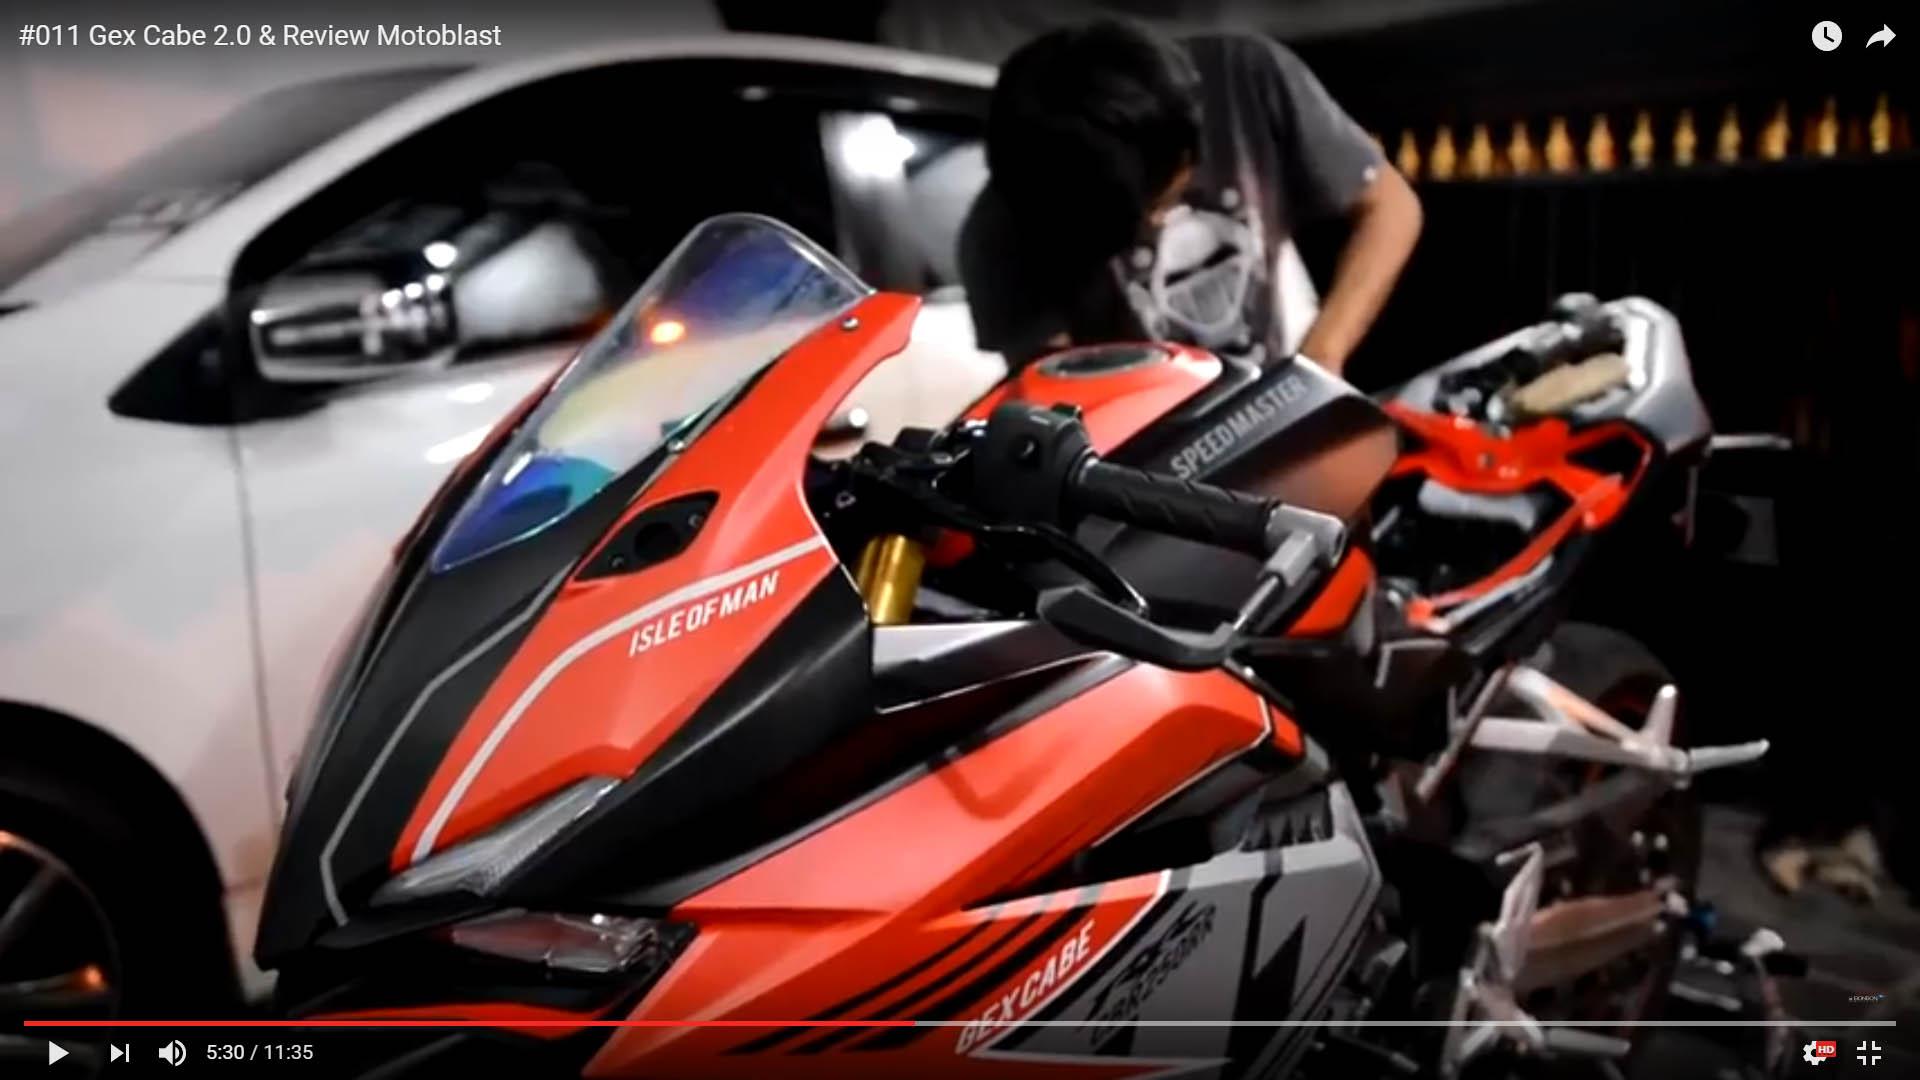 Motoblast via jokohariyanto tumblr com